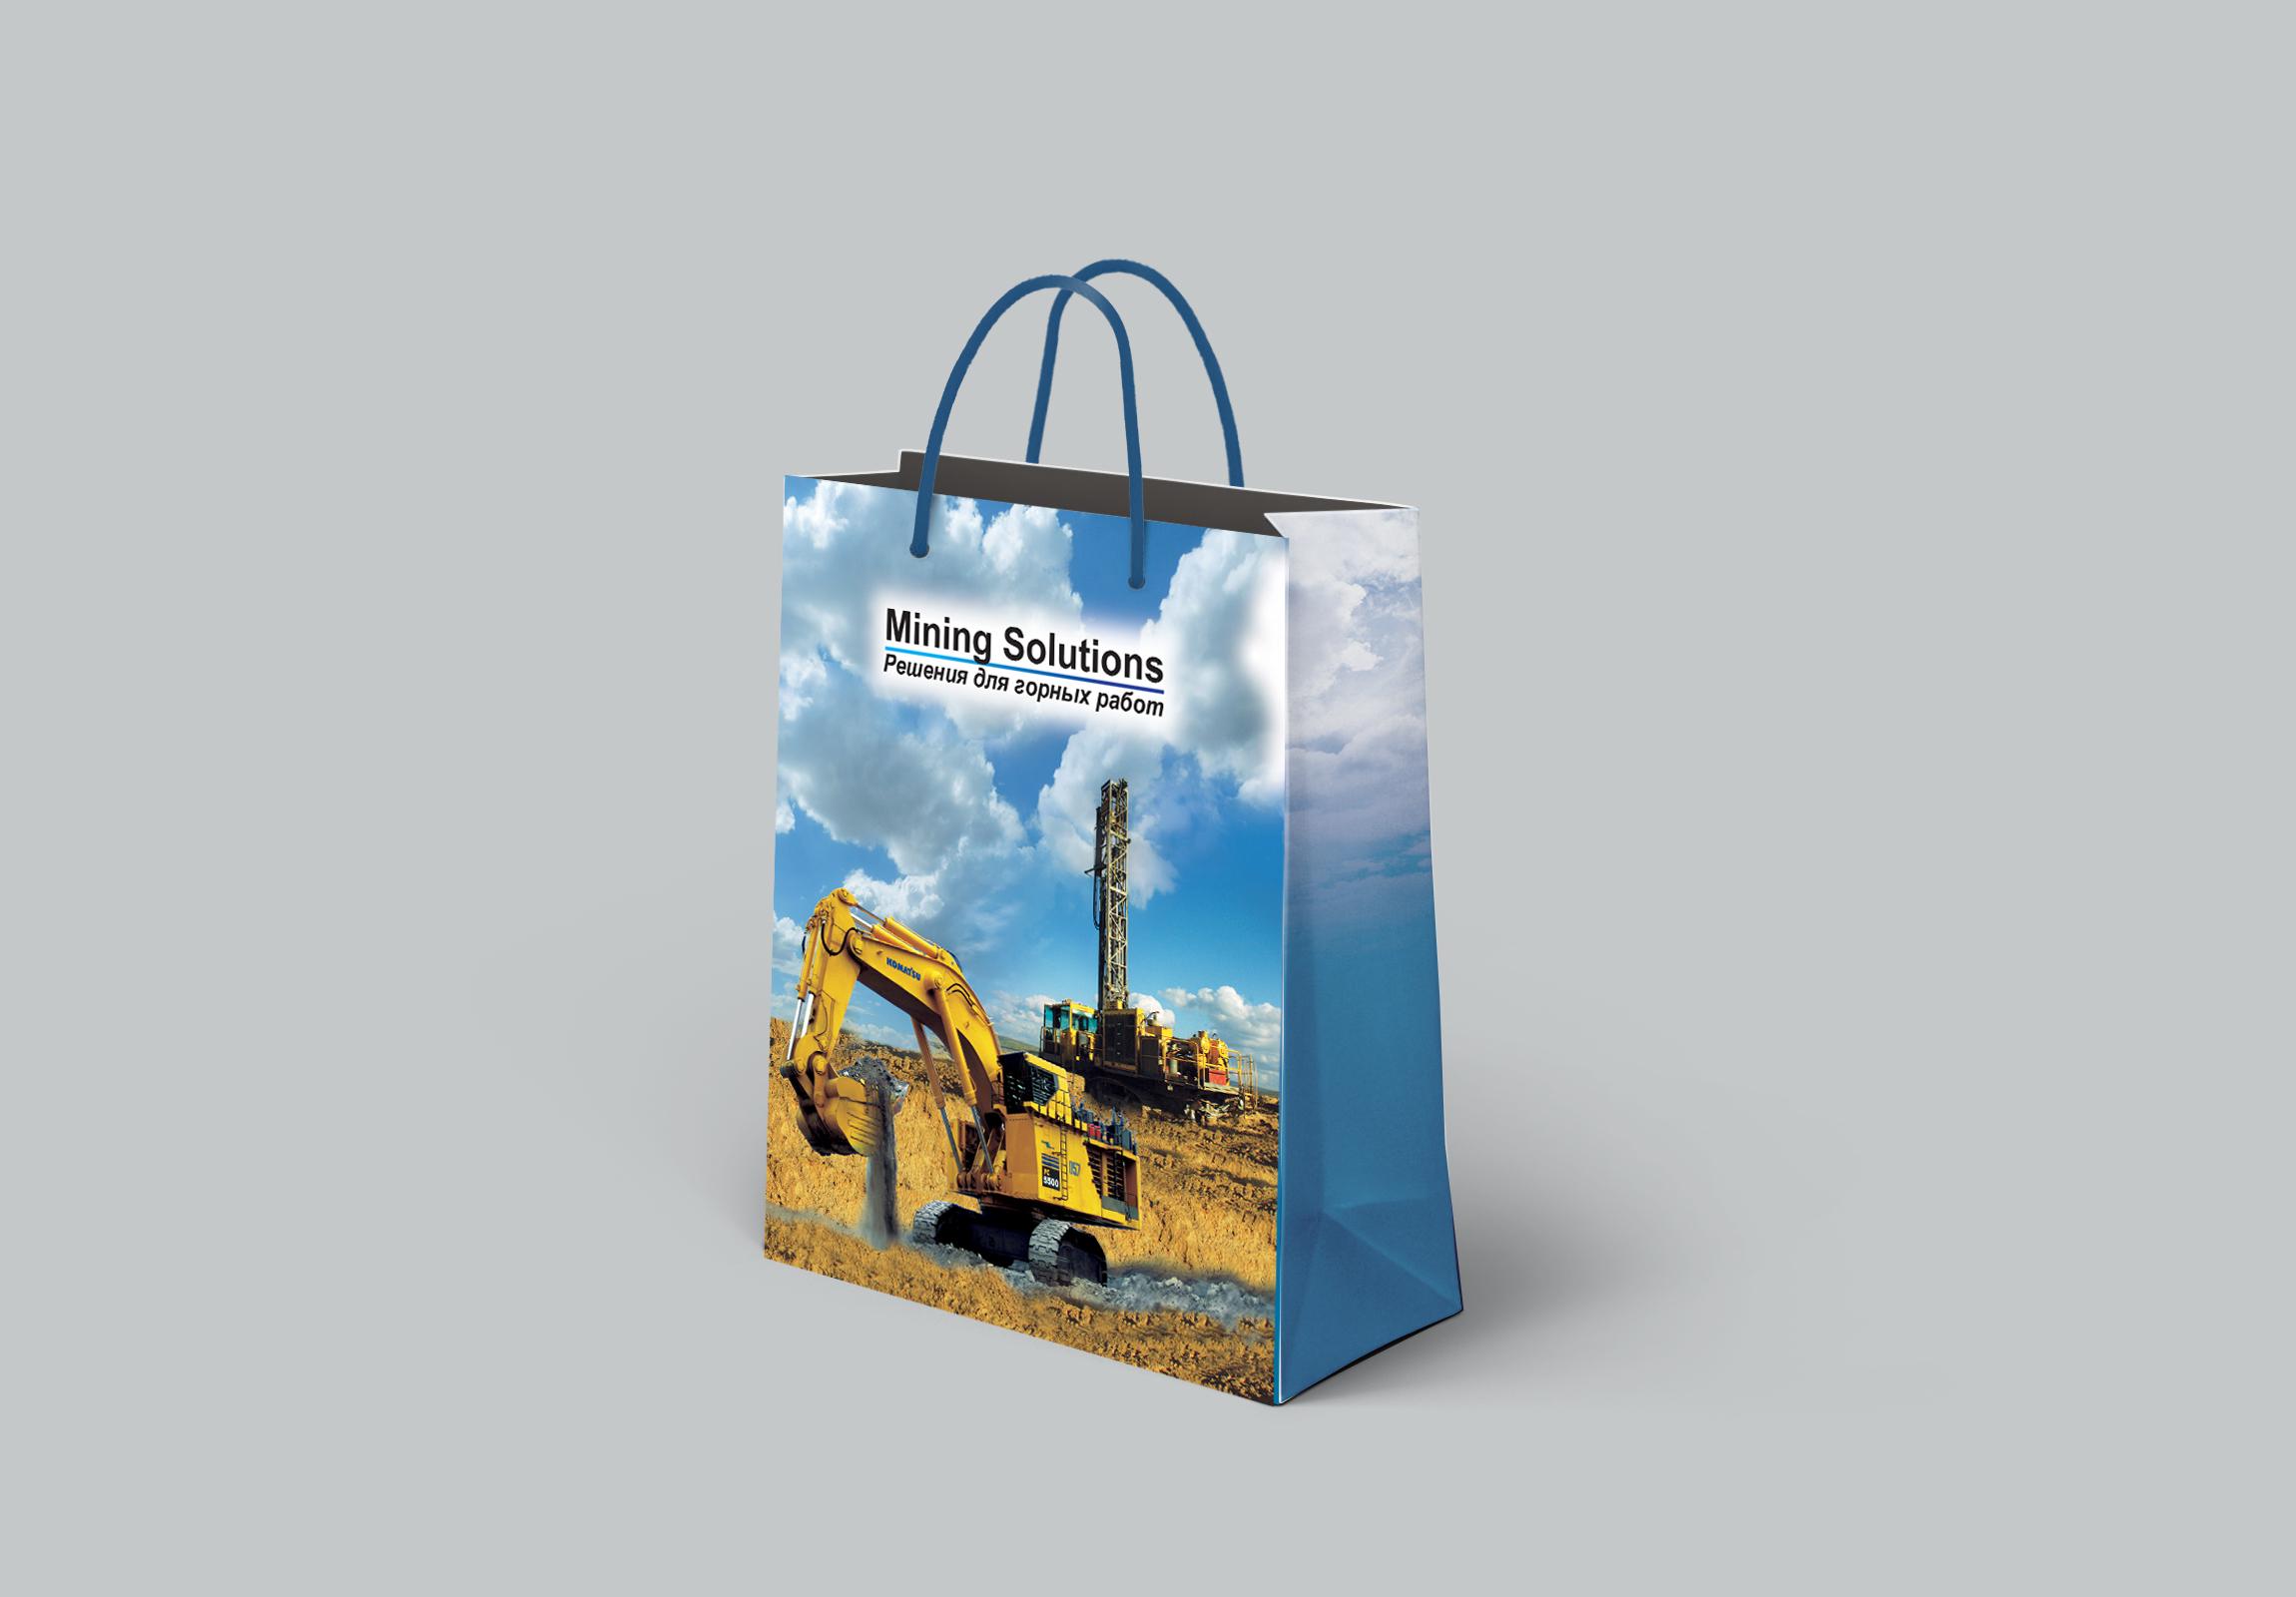 Бумажный пакет спереди Mining Solutions 2015